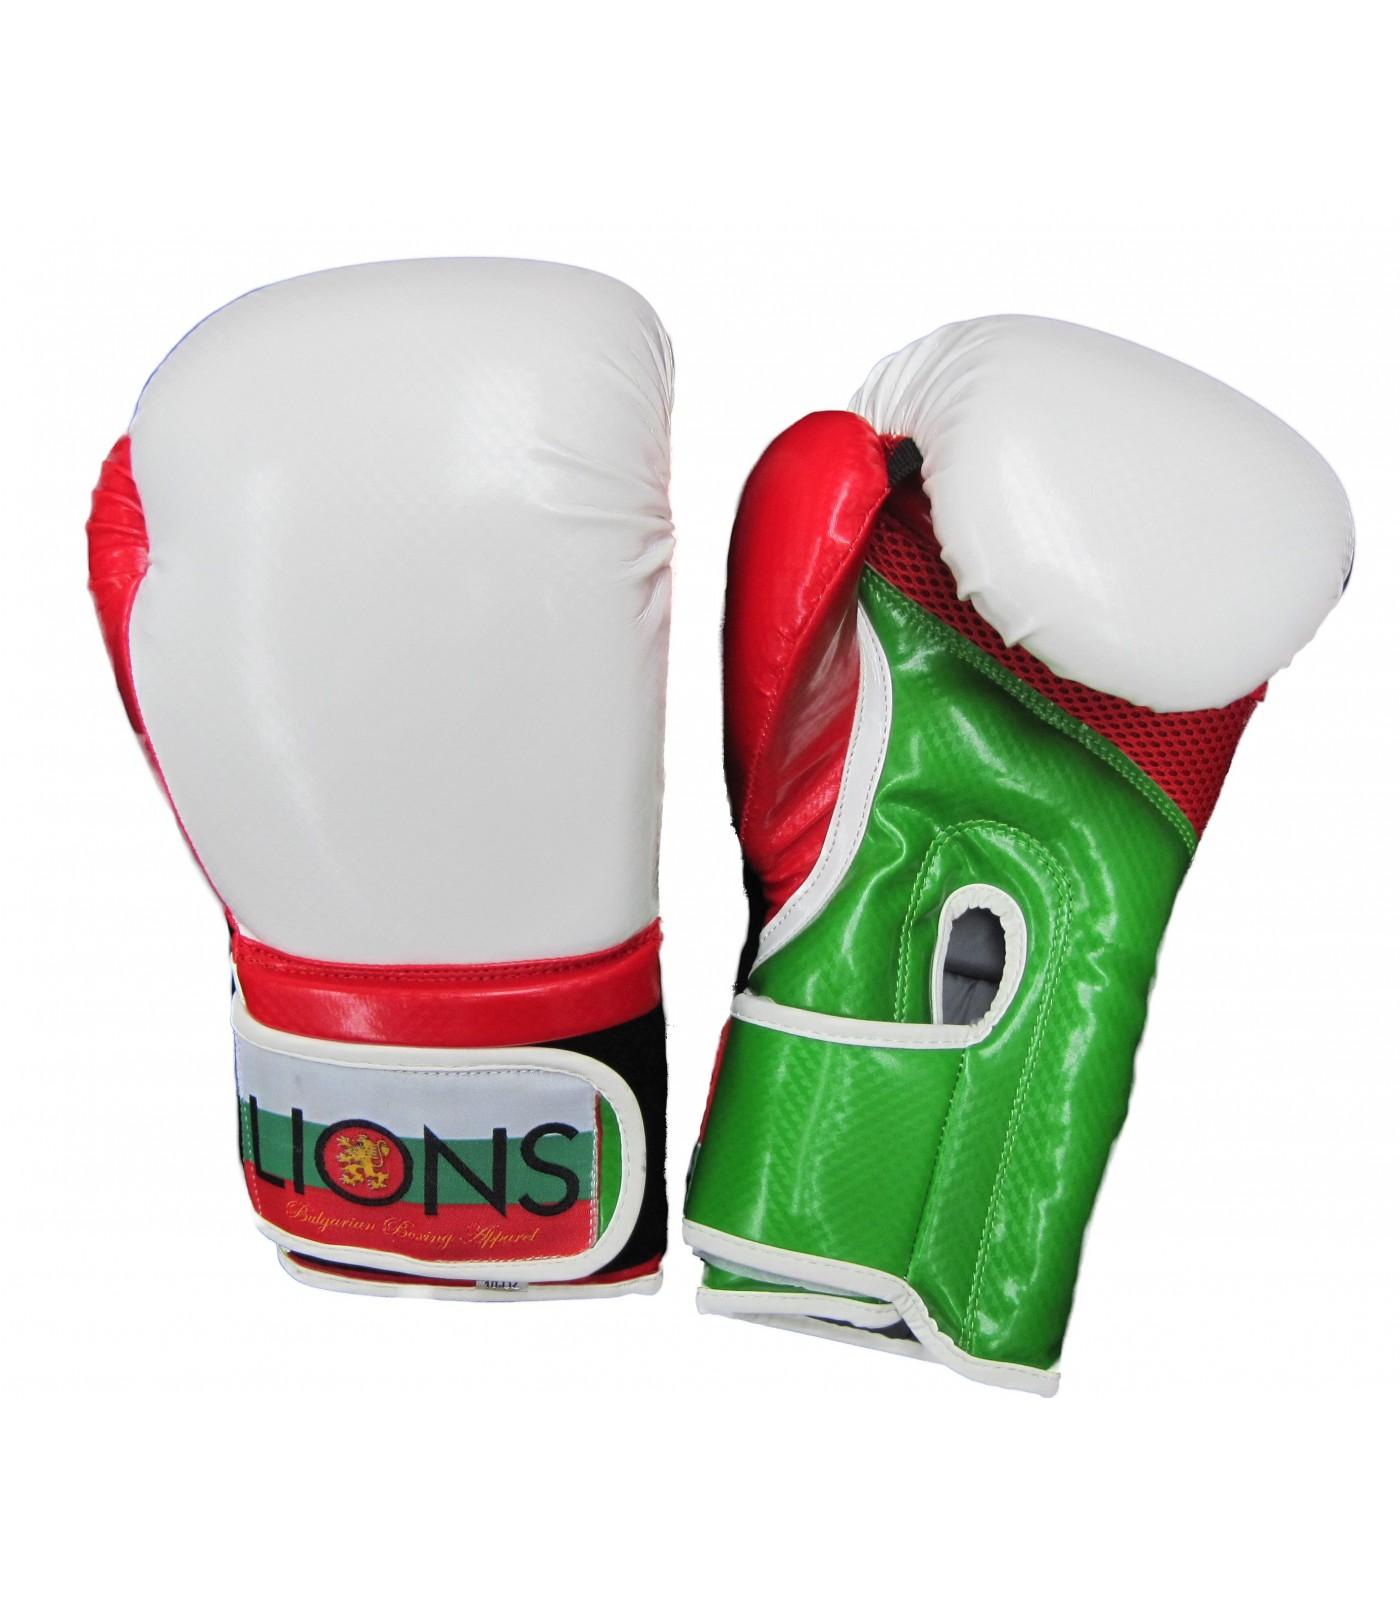 Lions - Боксови ръкавици Карбон